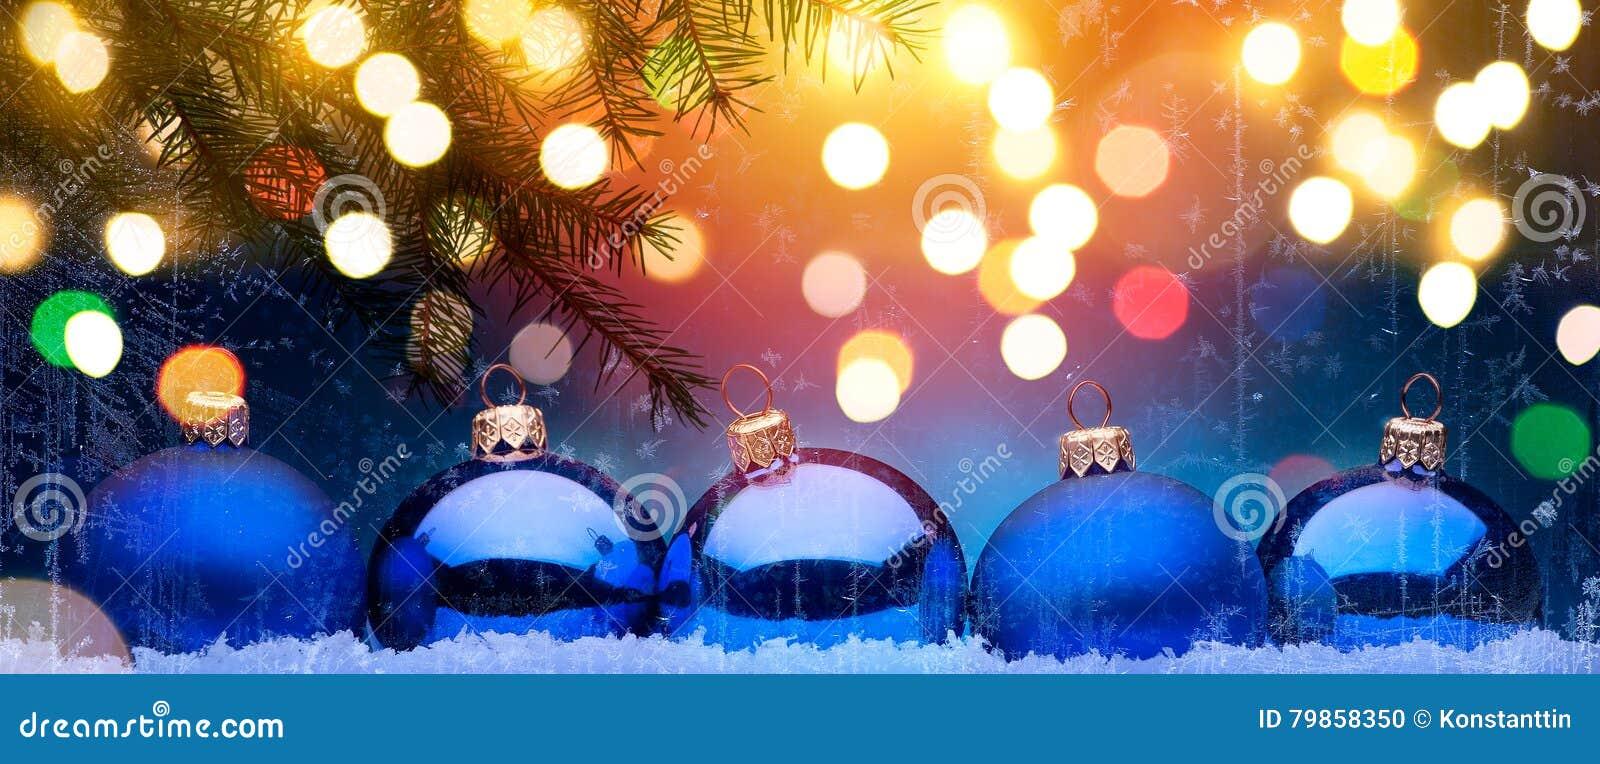 La Navidad azul; Fondo de los días de fiesta con la decoración de Navidad